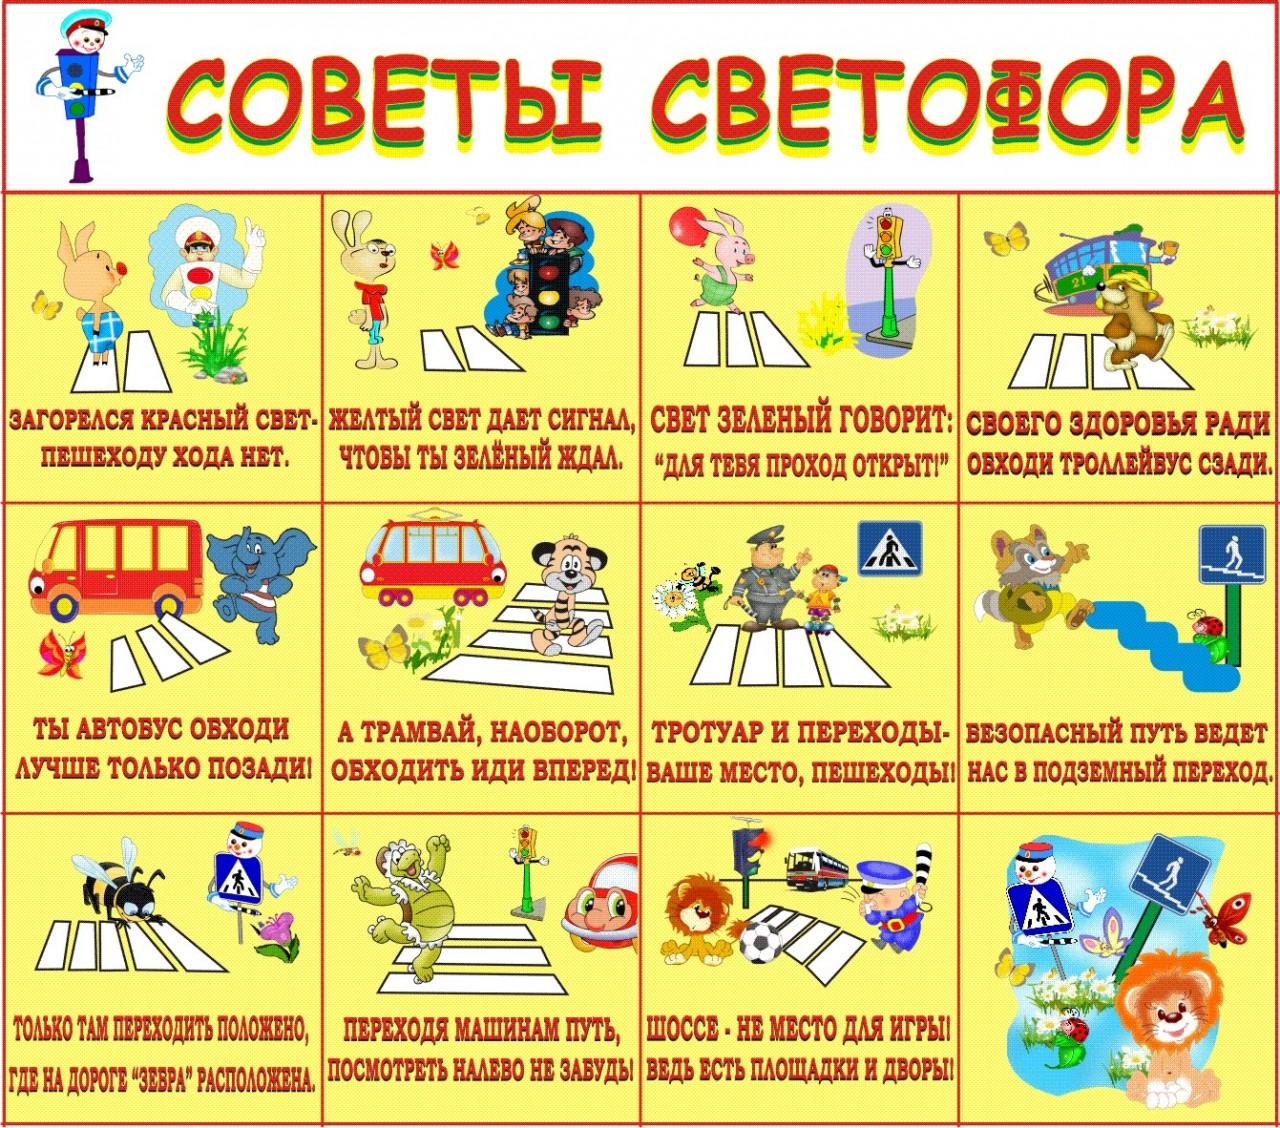 https://mdou77.edu.yar.ru/leto_1_kak_pravilno_sebya_v_31/7sxfvqjc7si_w128_h128.jpg